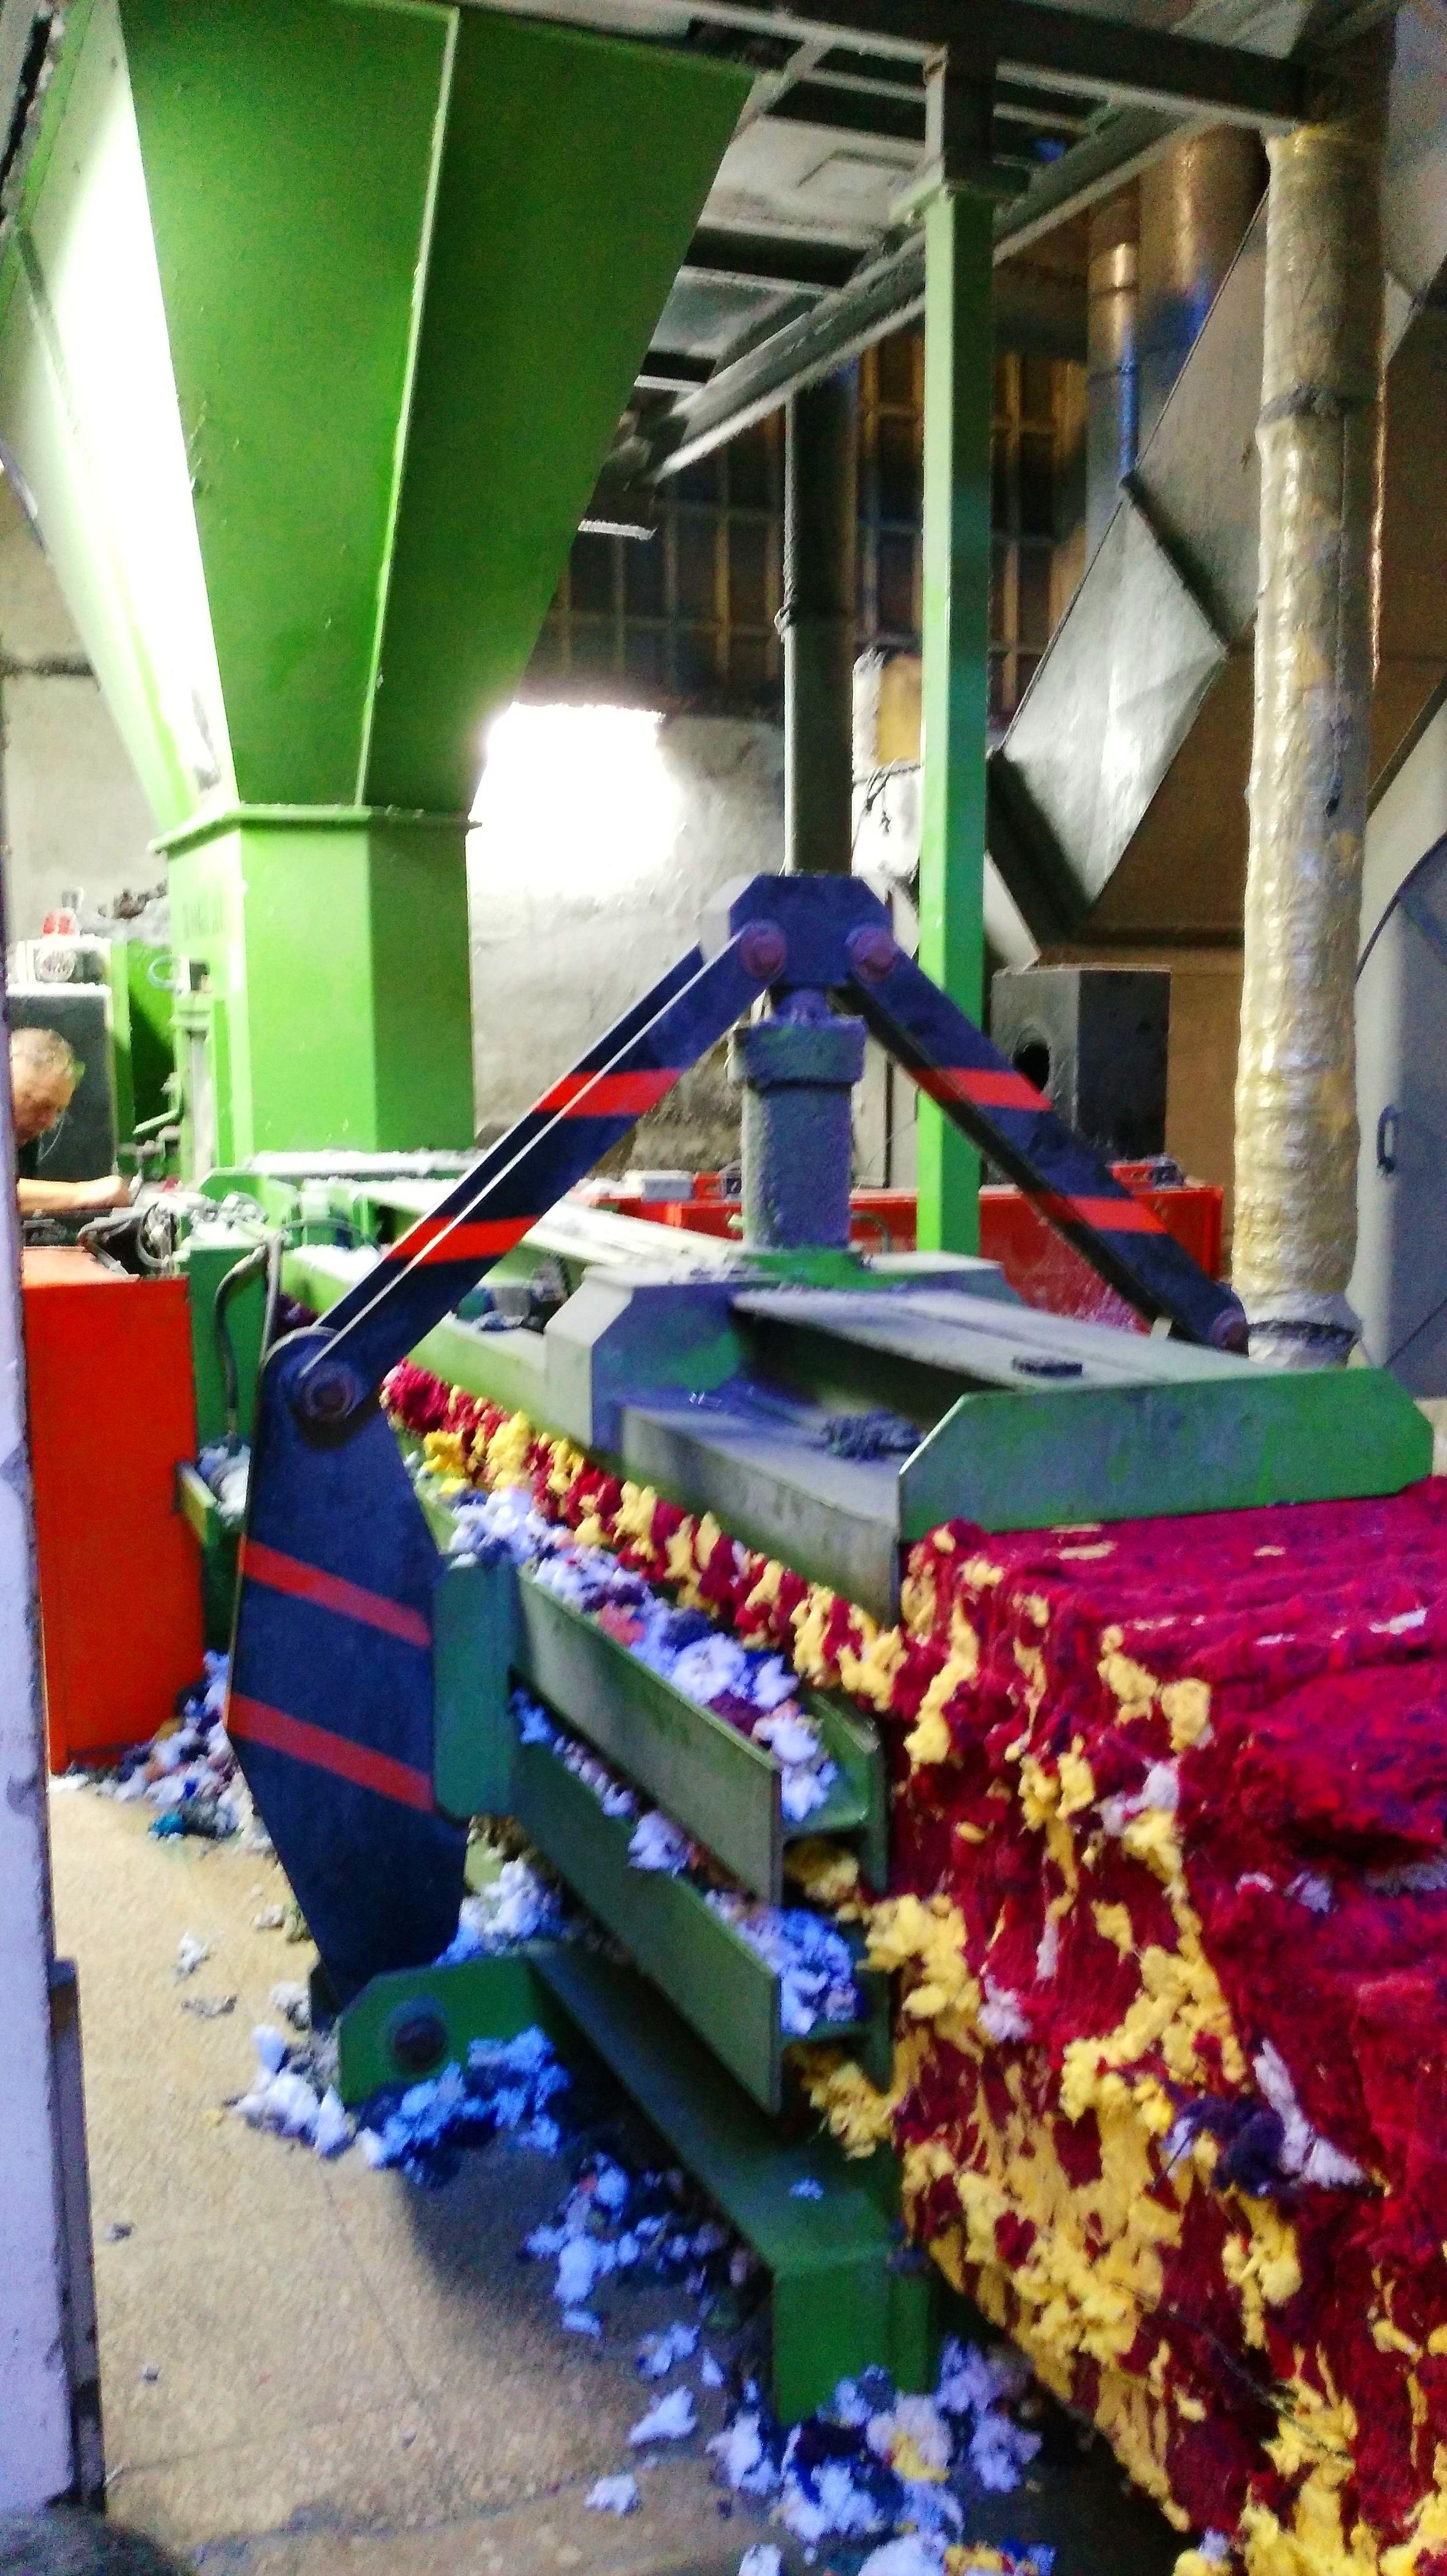 Prensa hidráulica textil: borra, lana...